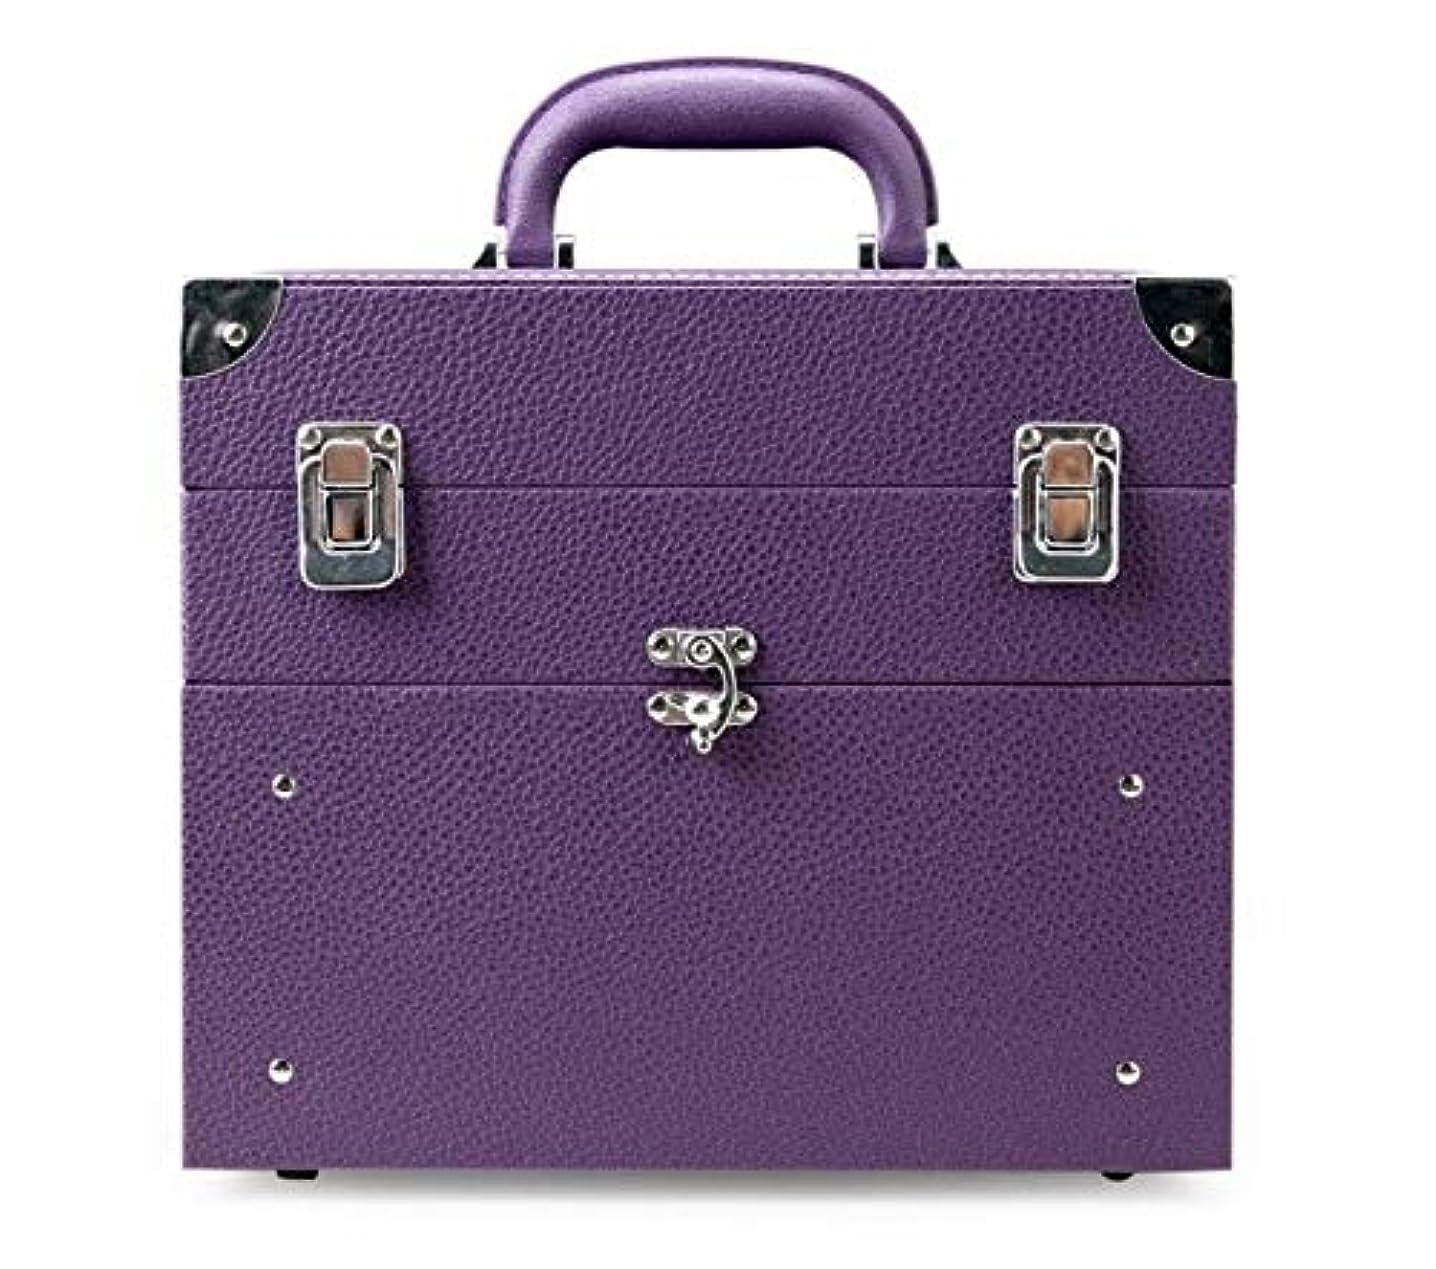 価格販売計画ロボット化粧箱、大容量の二重層の携帯用化粧品の箱、携帯用旅行化粧品袋の収納袋、美の構造の釘の宝石類の収納箱 (Color : Purple)